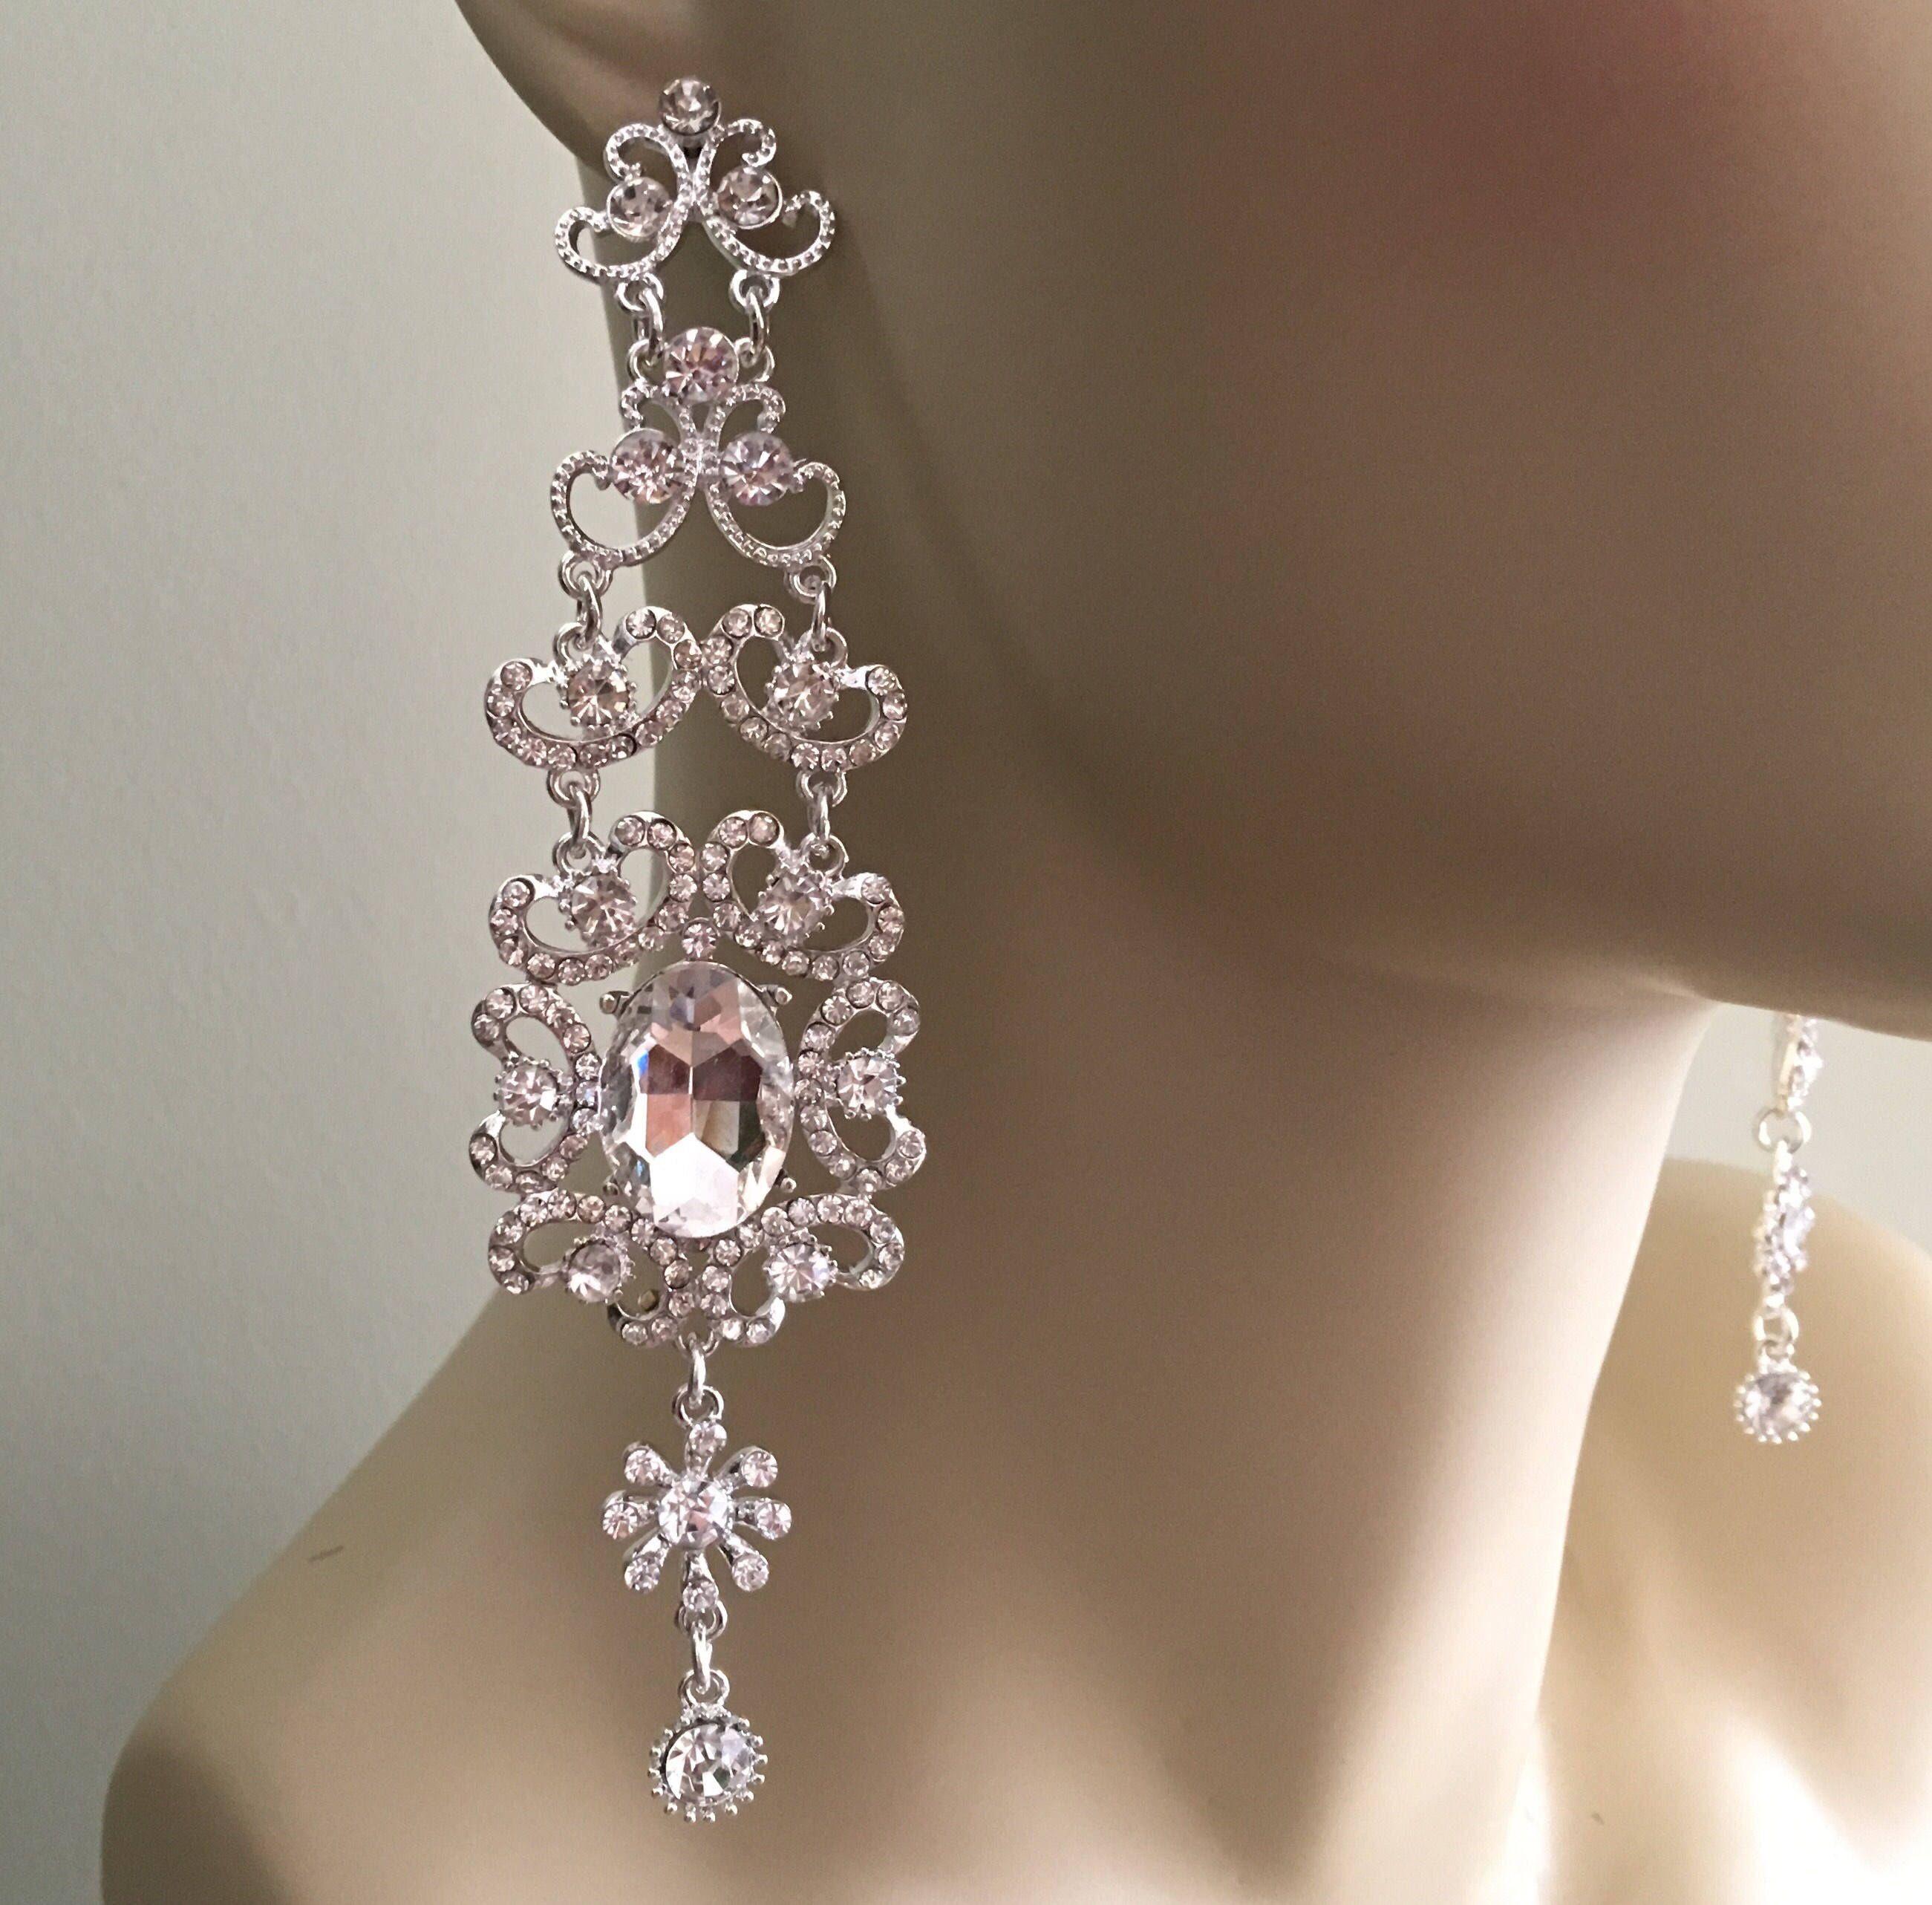 Long Chandelier Earrings Silver And Clear Long Rhinestone